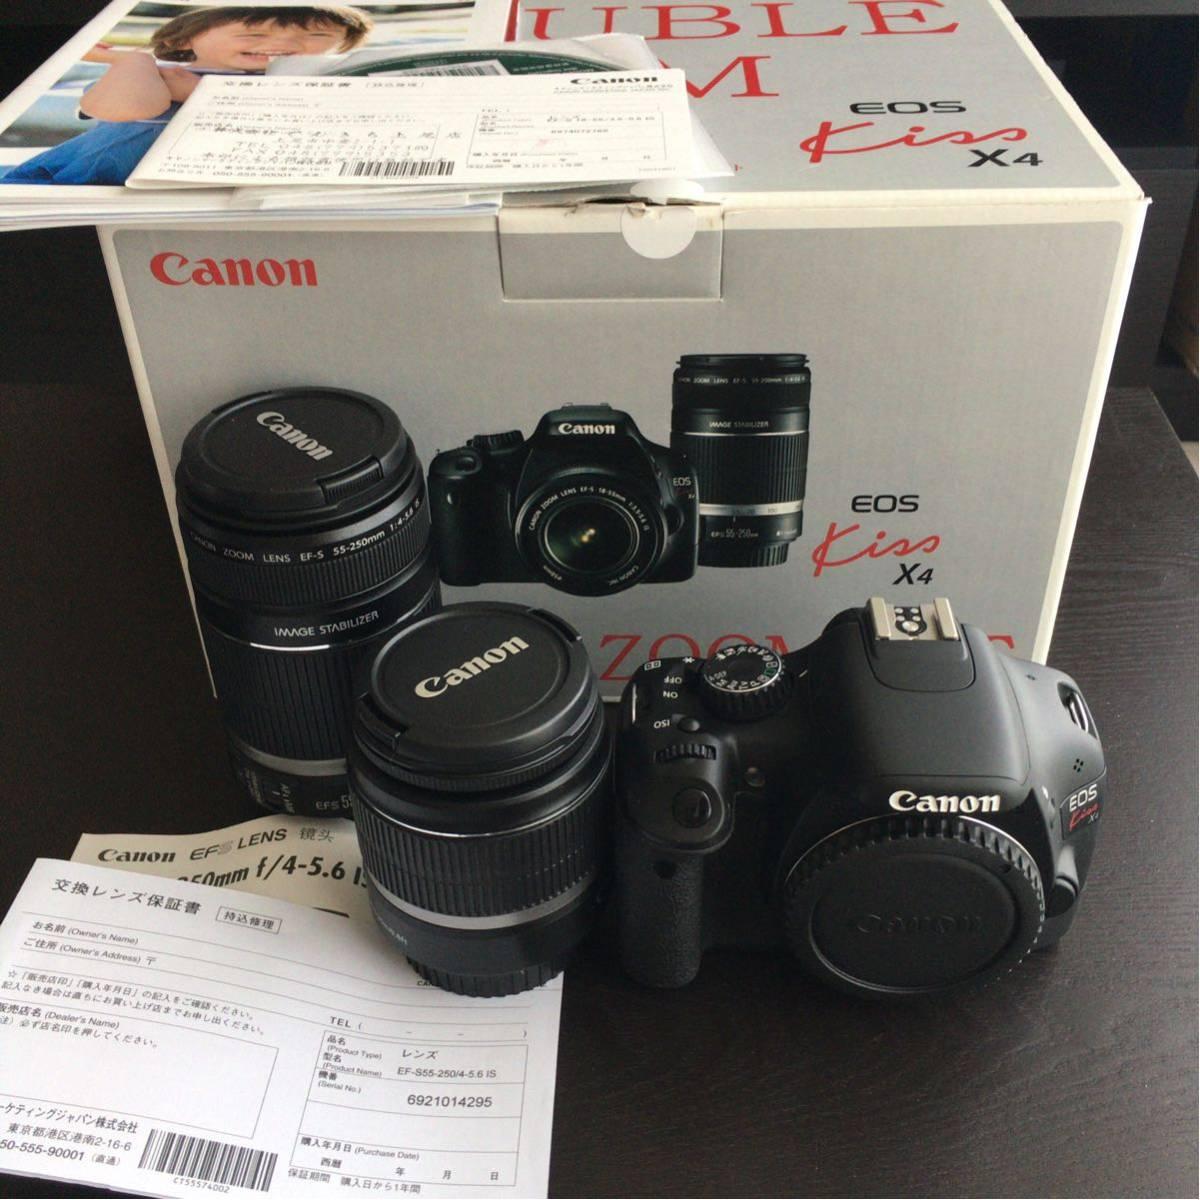 【実用美品】Canon キヤノン EOS KISS X4 ダブルズームキット EF-S 18-55mm F3.5-5.6 IS EF-S 55-250mm F4-5.6IS デジタル 1800万画素